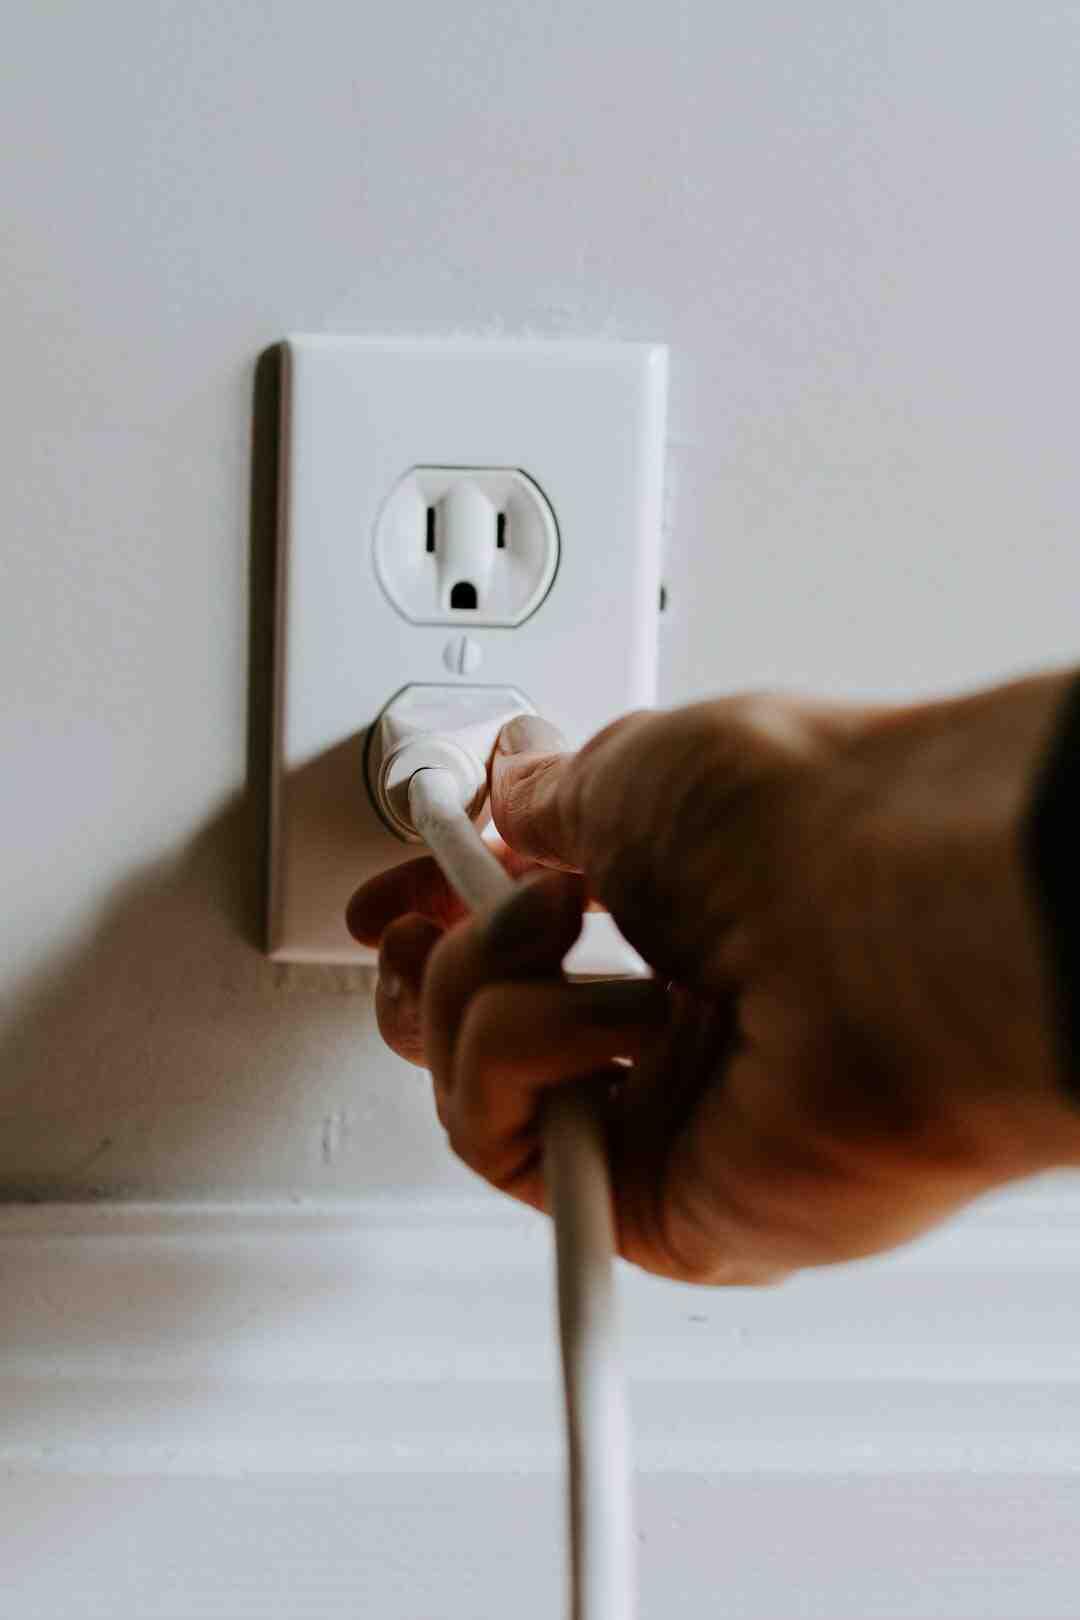 Comment raccorder 2 fils électriques sans domino